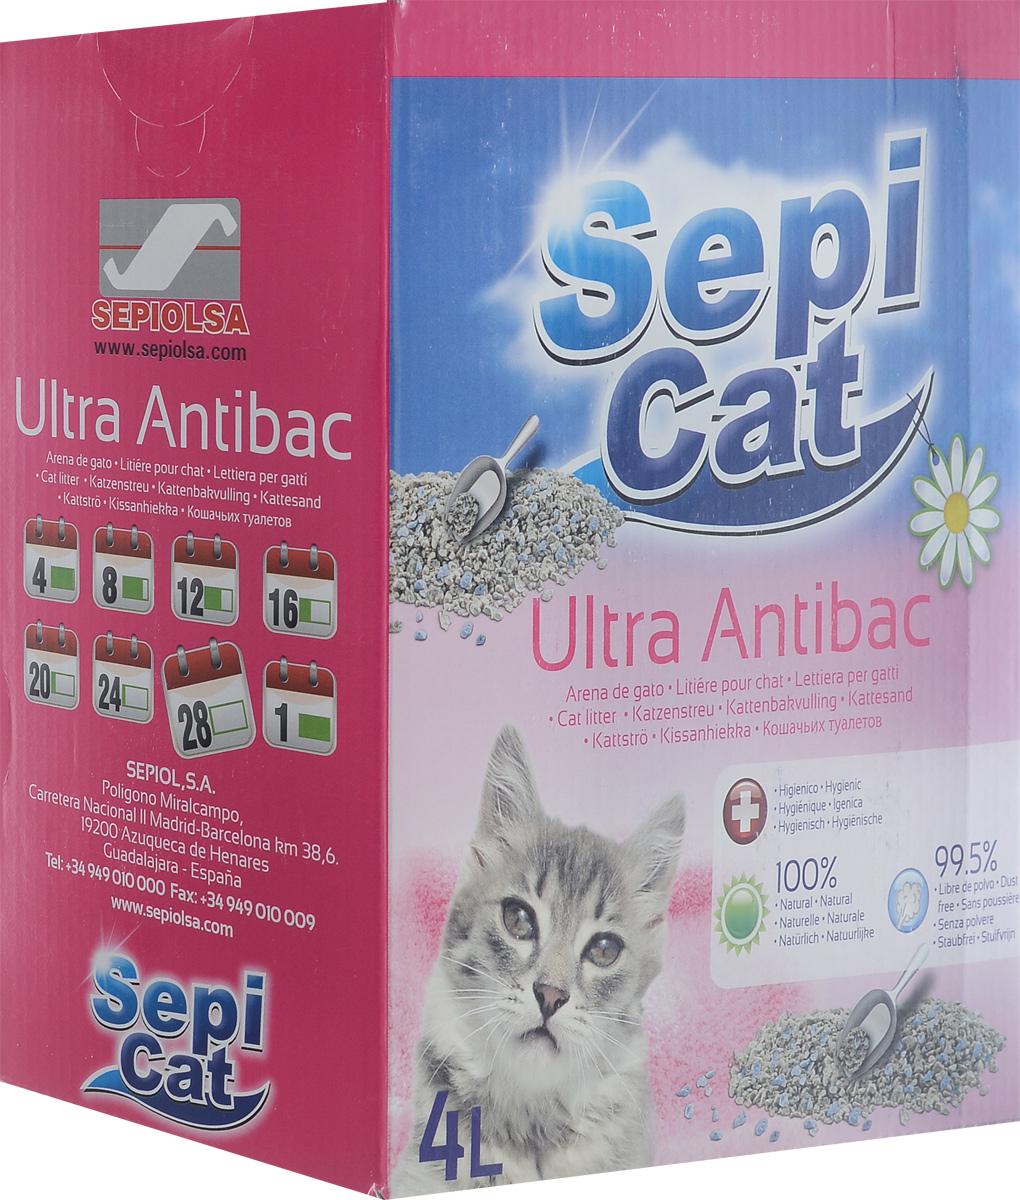 Наполнитель для кошачьих туалетов SepiCat Ультра. Антибактериальный, комкующийся, 4 л0120710Экологически чистый антибактериальный комкующийся наполнитель SepiCat Ультра. Антибактериальный изготовлен из 100% натуральных минеральных компонентов. Безопасен для животного и для человека. Инновационная антибактериальная формула обеспечит исключительную гигиеничность лотка, защищая вашего питомца и дом от бактерий. Обладает превосходными комкующими свойствами. При контакте с жидкостью образует плотные компактные комки. Не пылит. Эффективно поглощает неприятные запахи. Антибактериальные ароматические гранулы активируются при контакте с жидкостью, что обеспечит чистоту и комфорт на продолжительное время.Состав: бентонит, антибактериальные добавки.Товар сертифицирован.